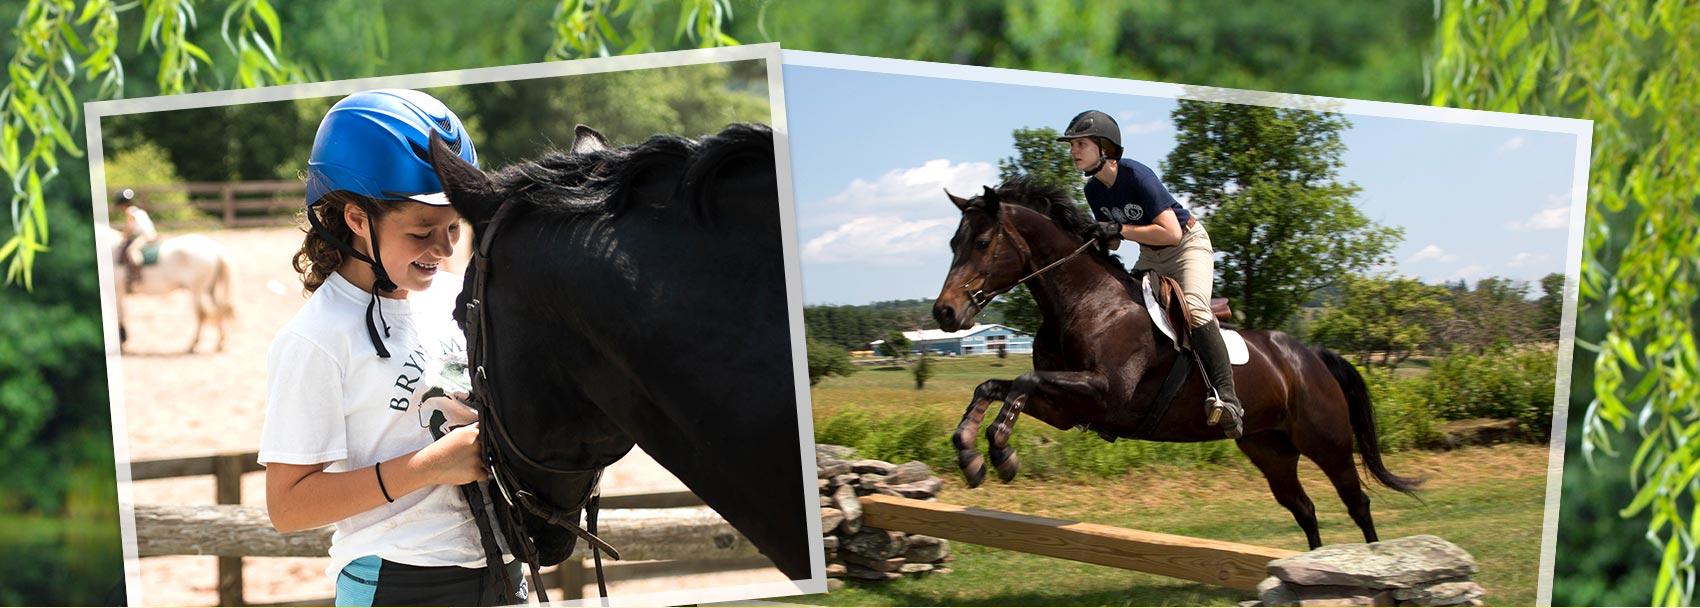 Horseback Riding at LBMC